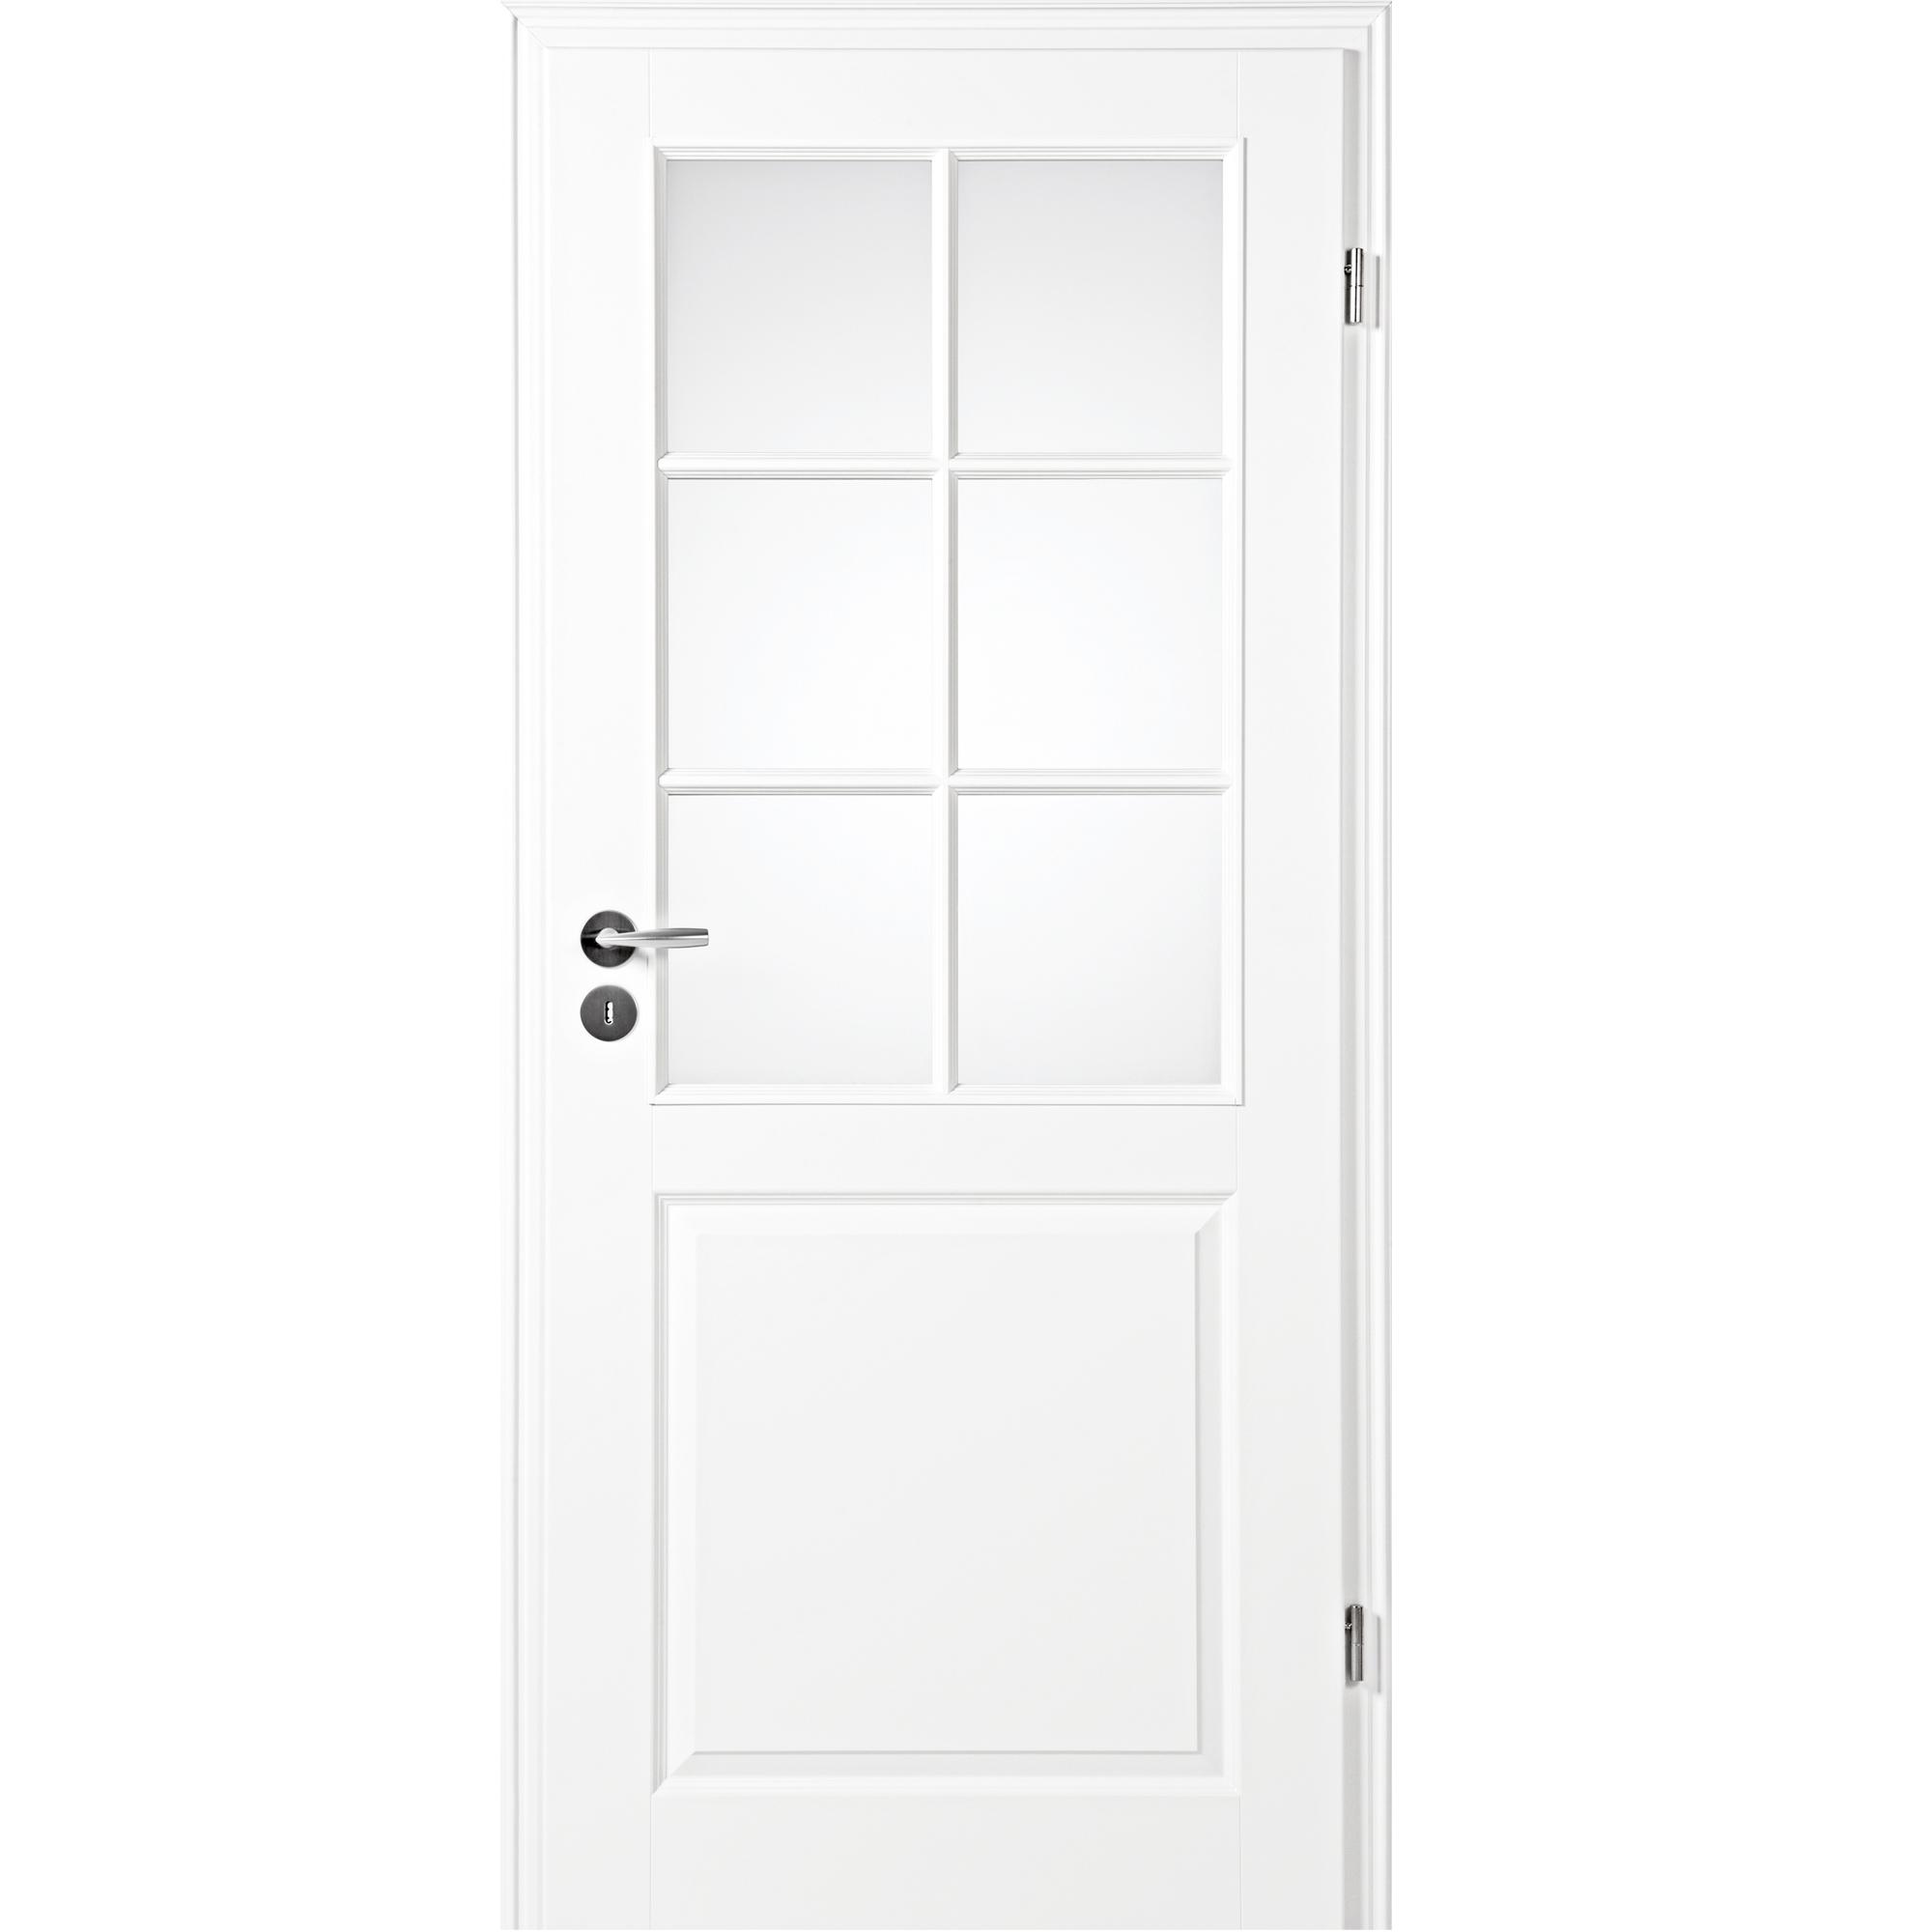 zimmert r mit zarge narva 3f la 6g wei lack lichtausschnitt rundkante kp holz shop haust ren. Black Bedroom Furniture Sets. Home Design Ideas